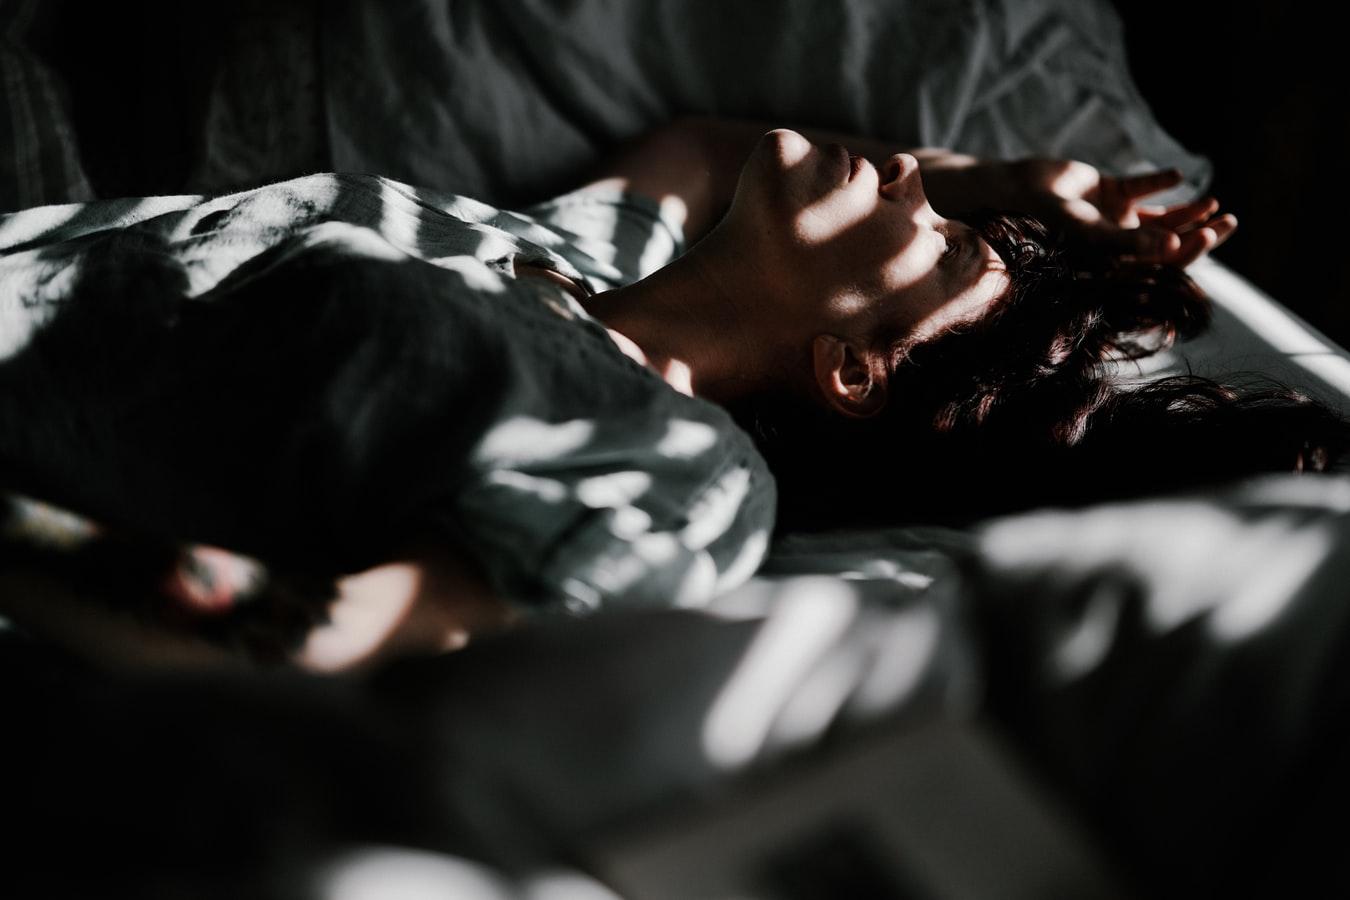 Οι 12 χειρότερες συνήθειες για την ψυχική μας υγεία